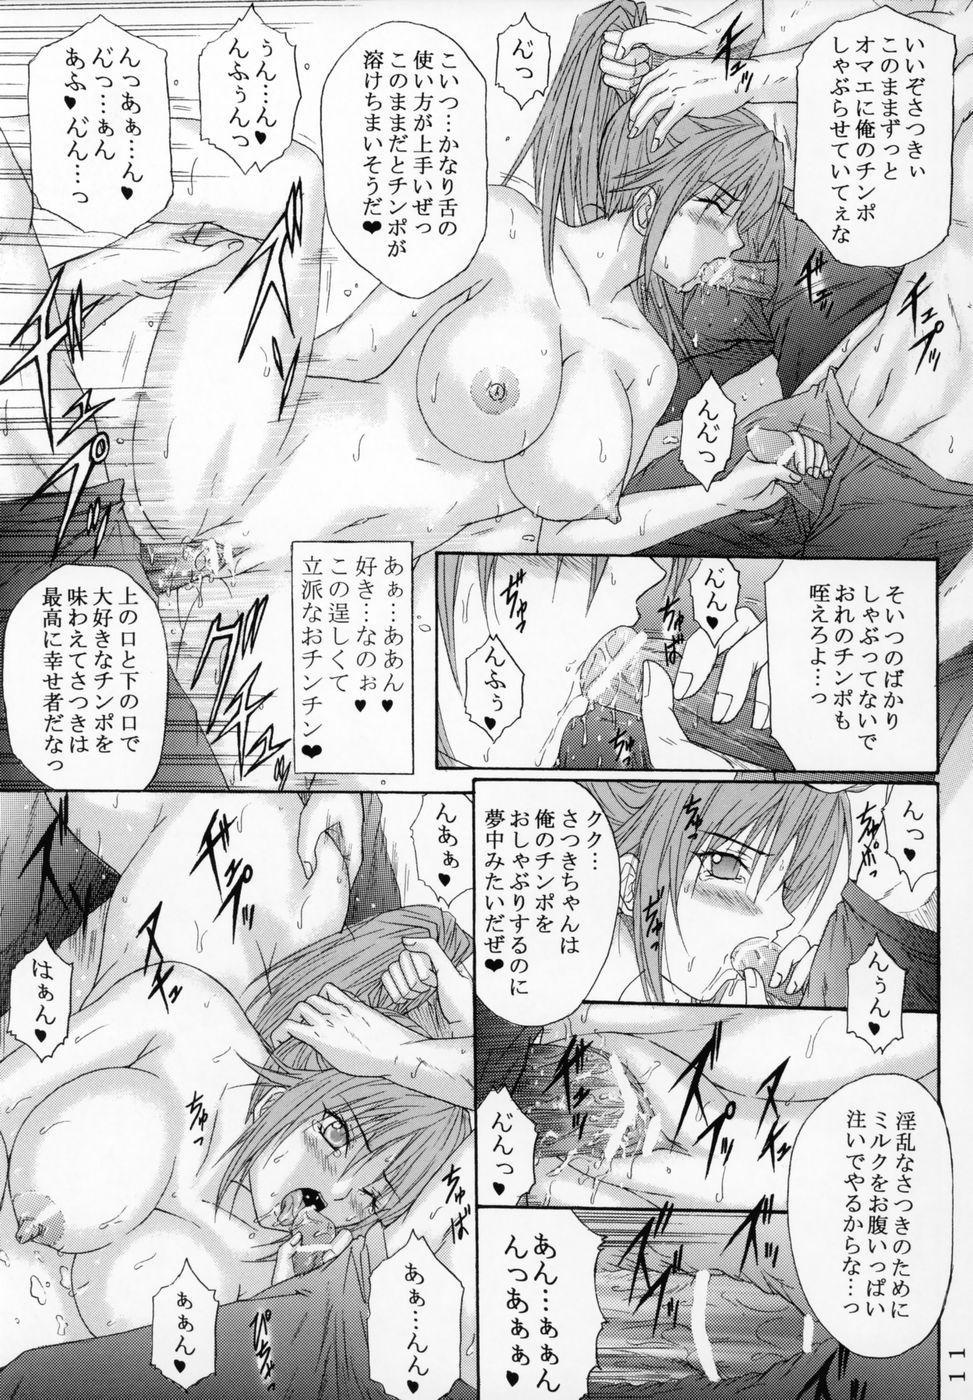 Ryoujoku Rensa 7 9